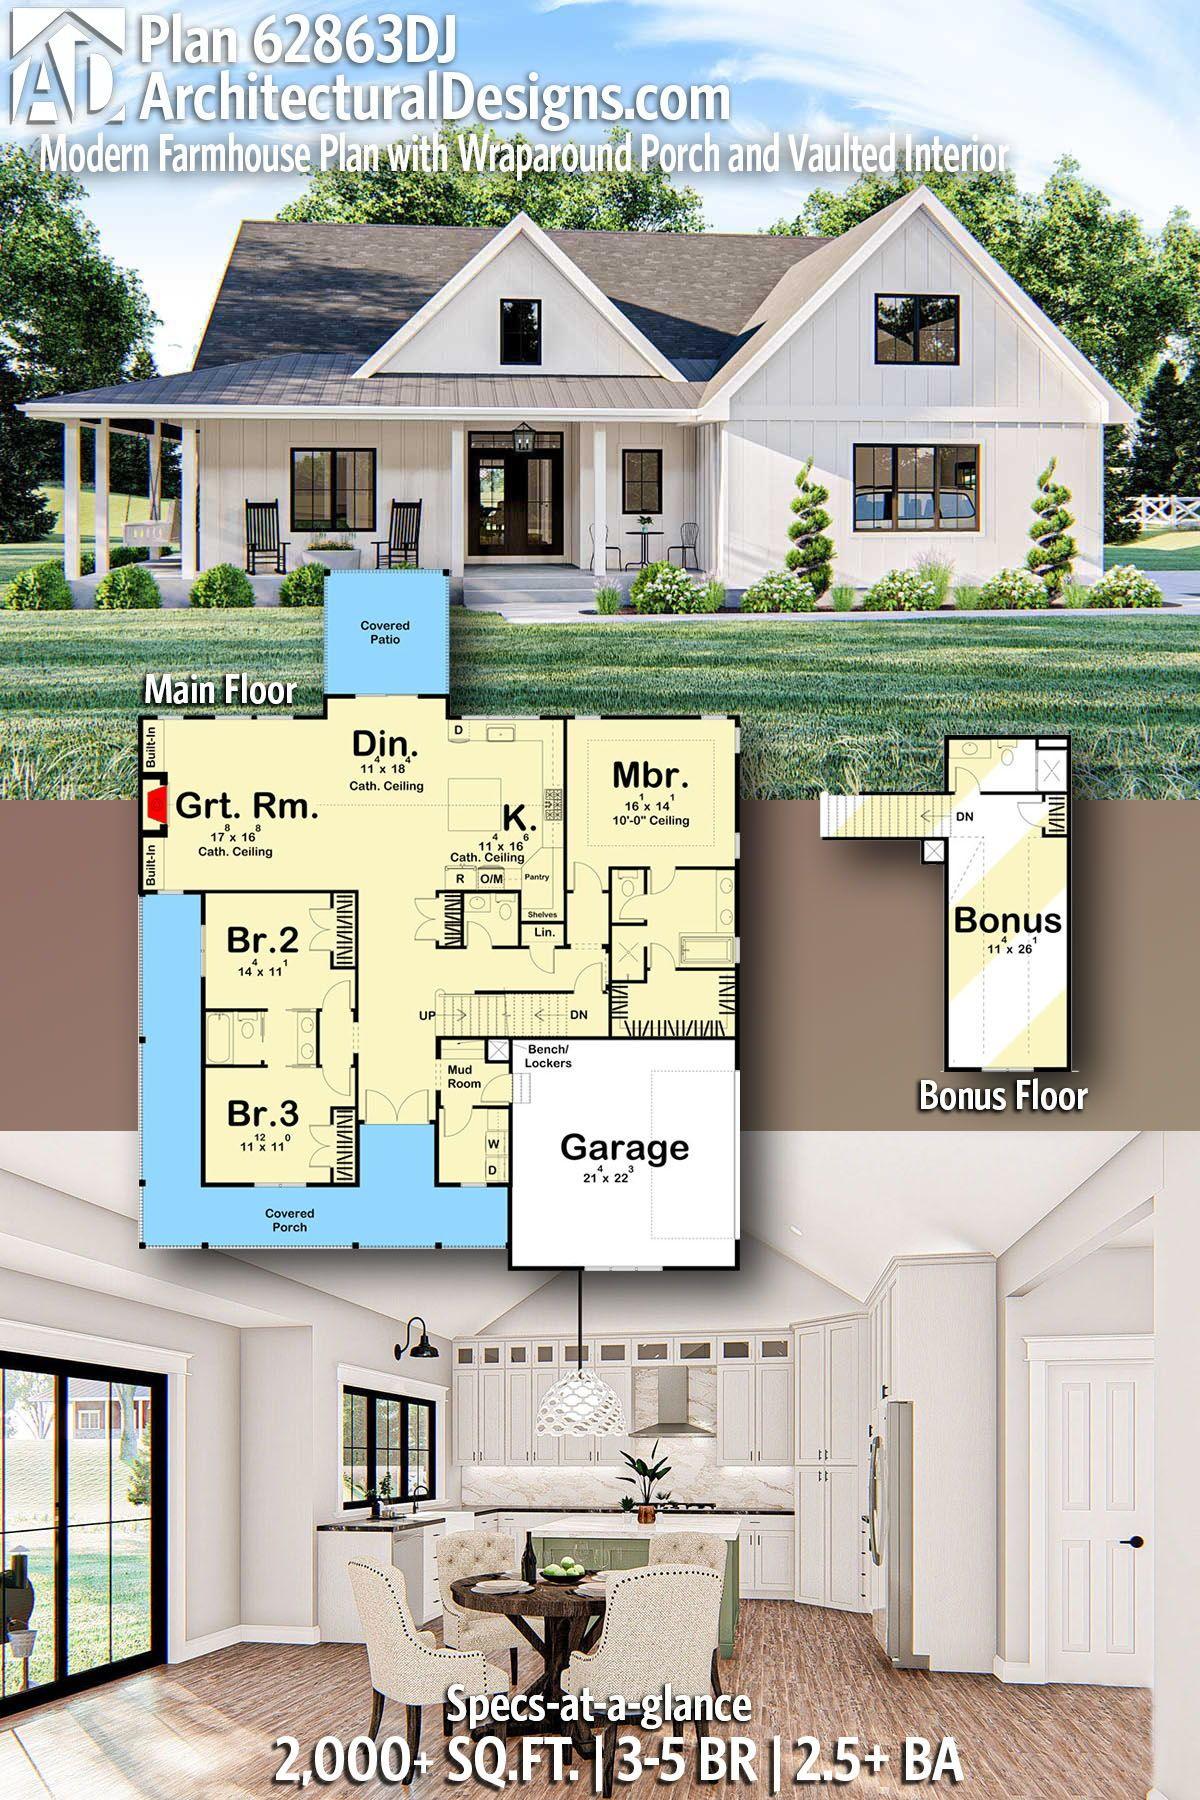 Plan 62863dj Modern Farmhouse Plan With Wraparound Porch And